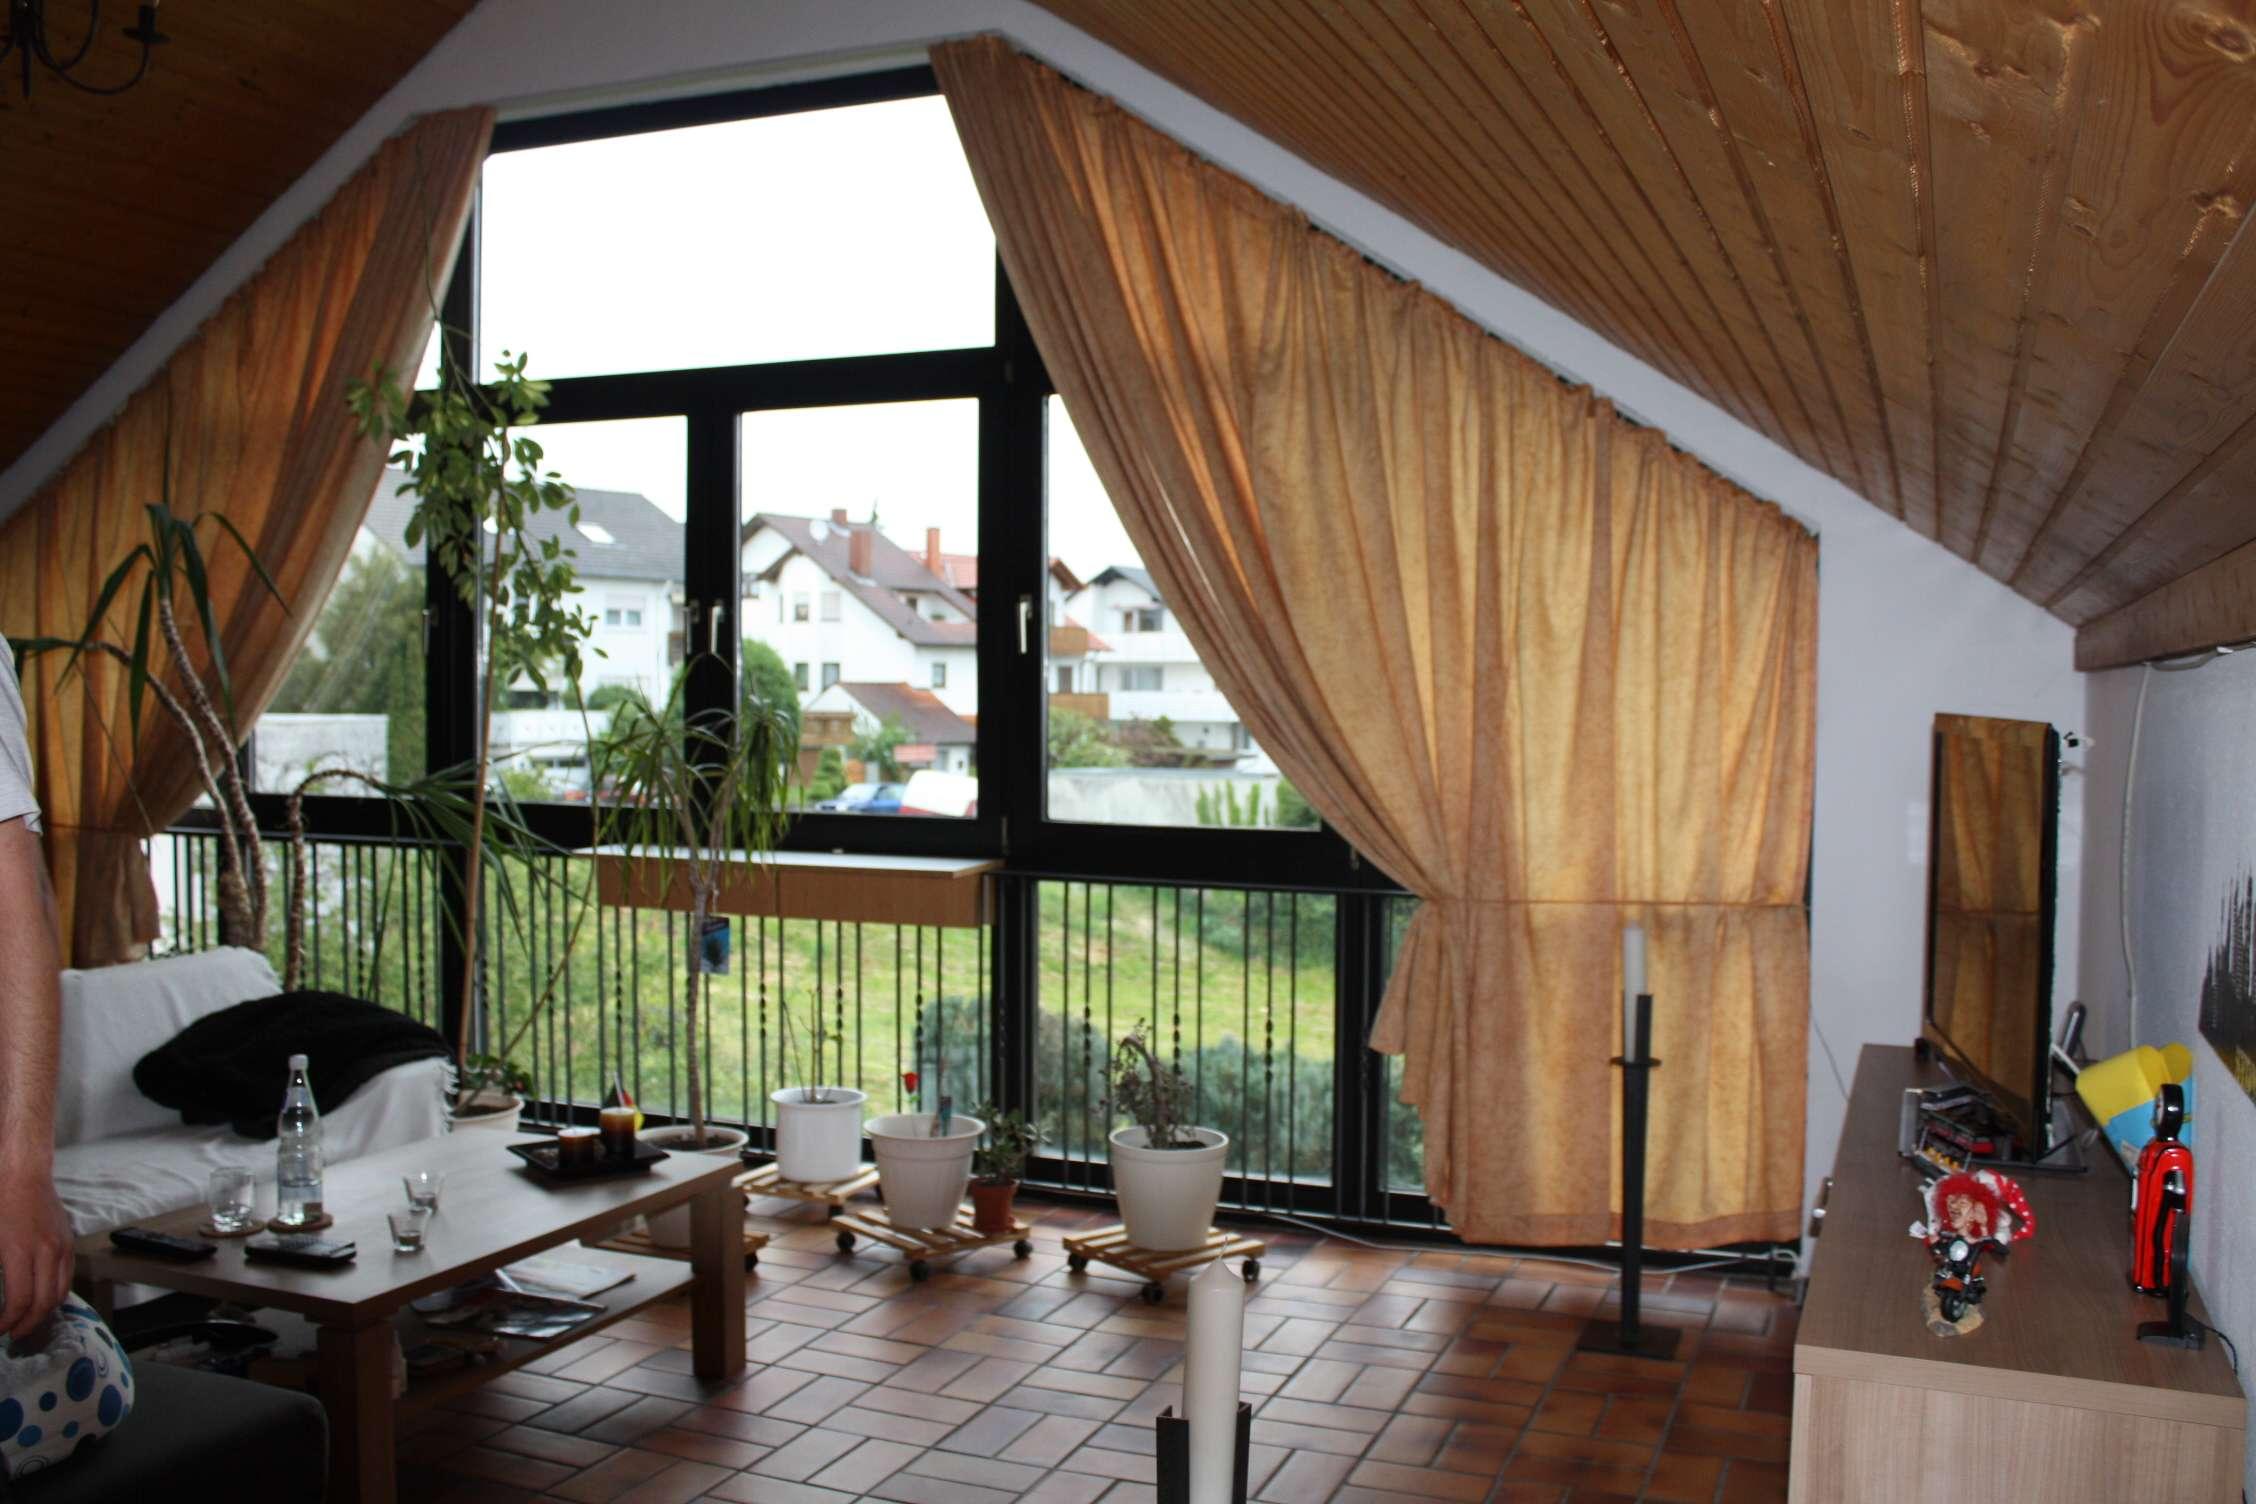 Tolle Dachgeschosswohnung mit aussergewöhnlichem Ambiente in Goldbach (Aschaffenburg)